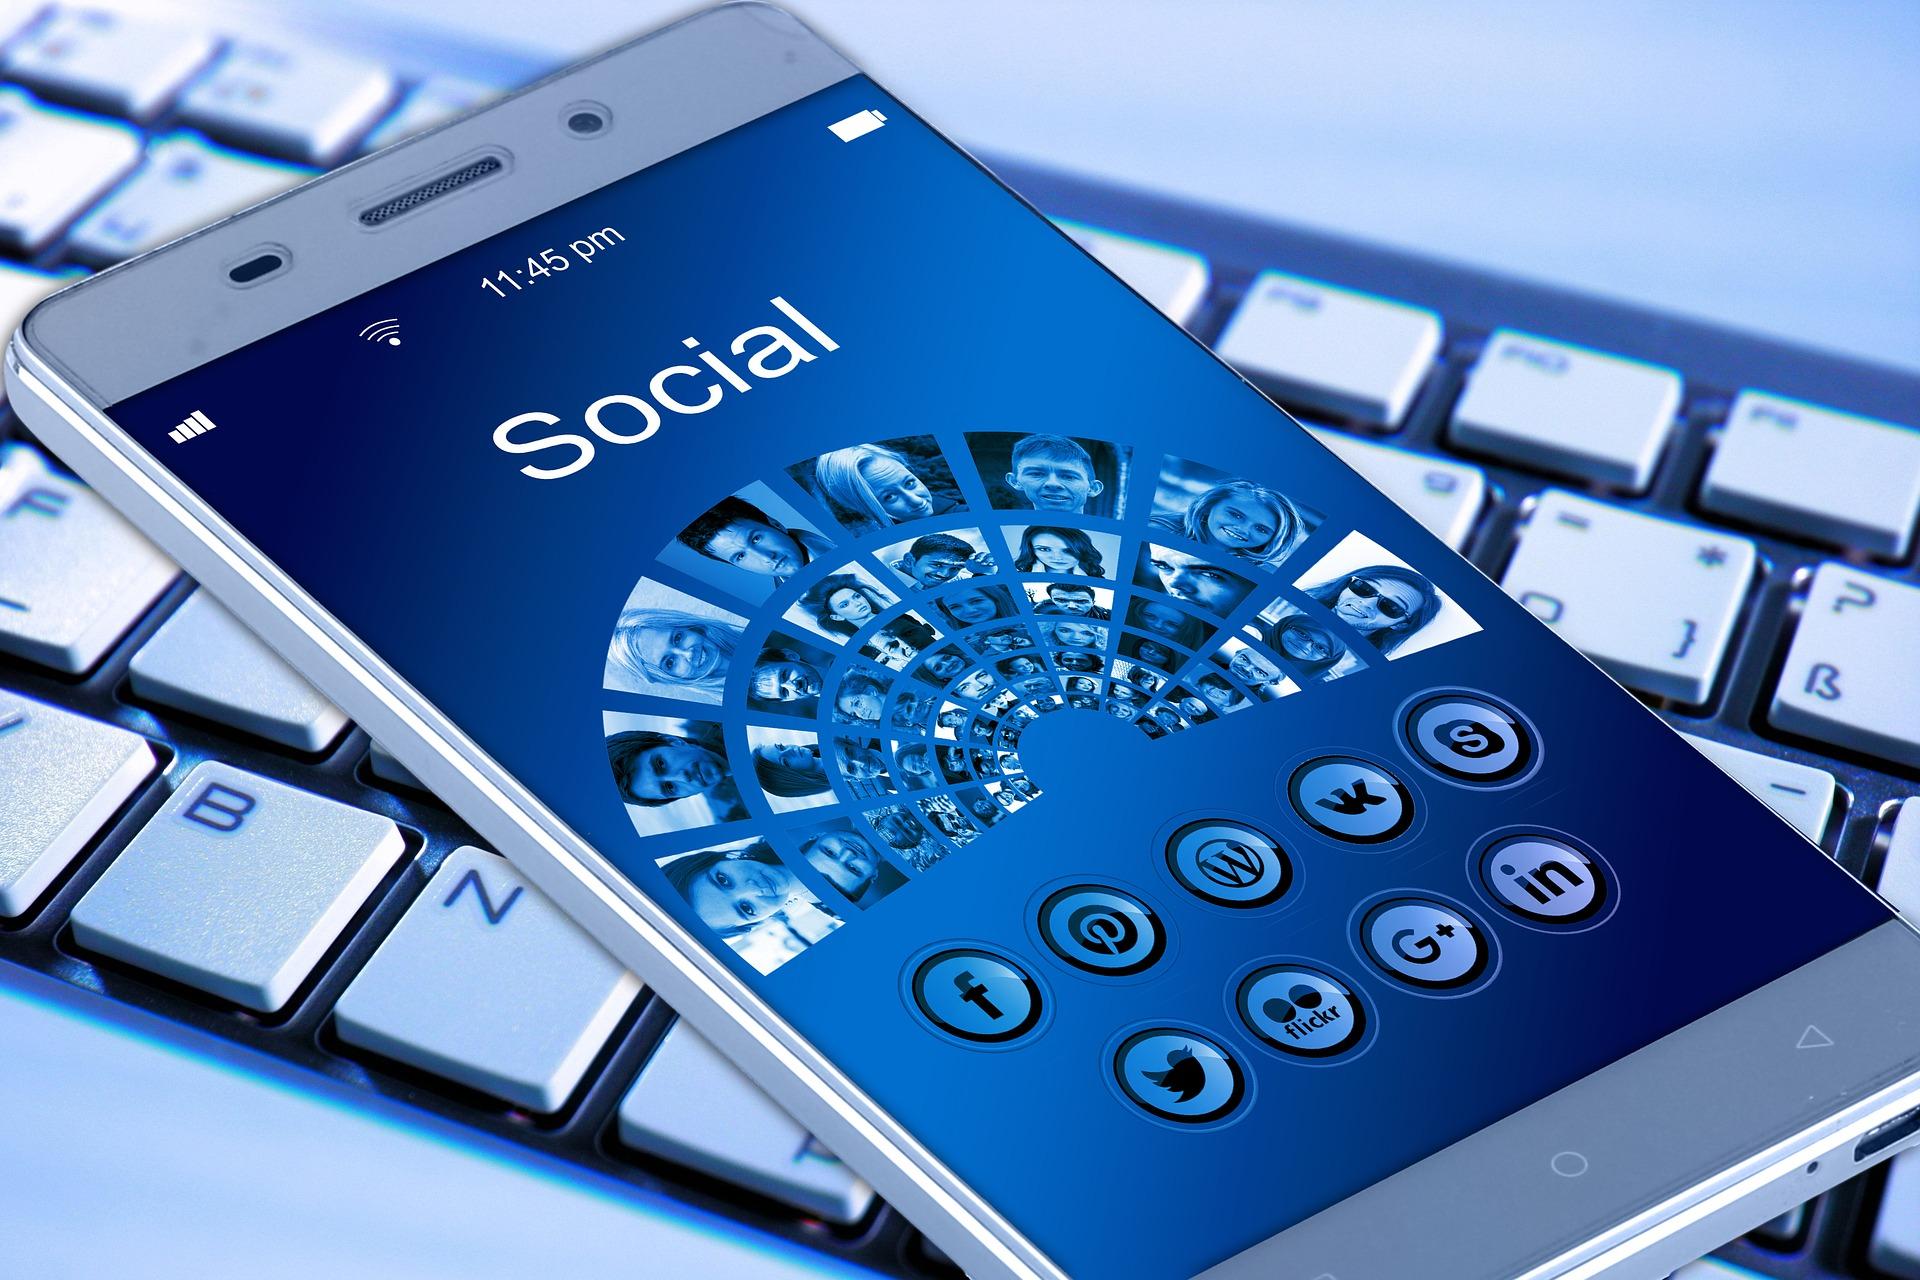 Non sei su Facebook per vendere ma per creare relazioni. - Il Content Marketing come strumento per generare fiducia nei tuoi follower.